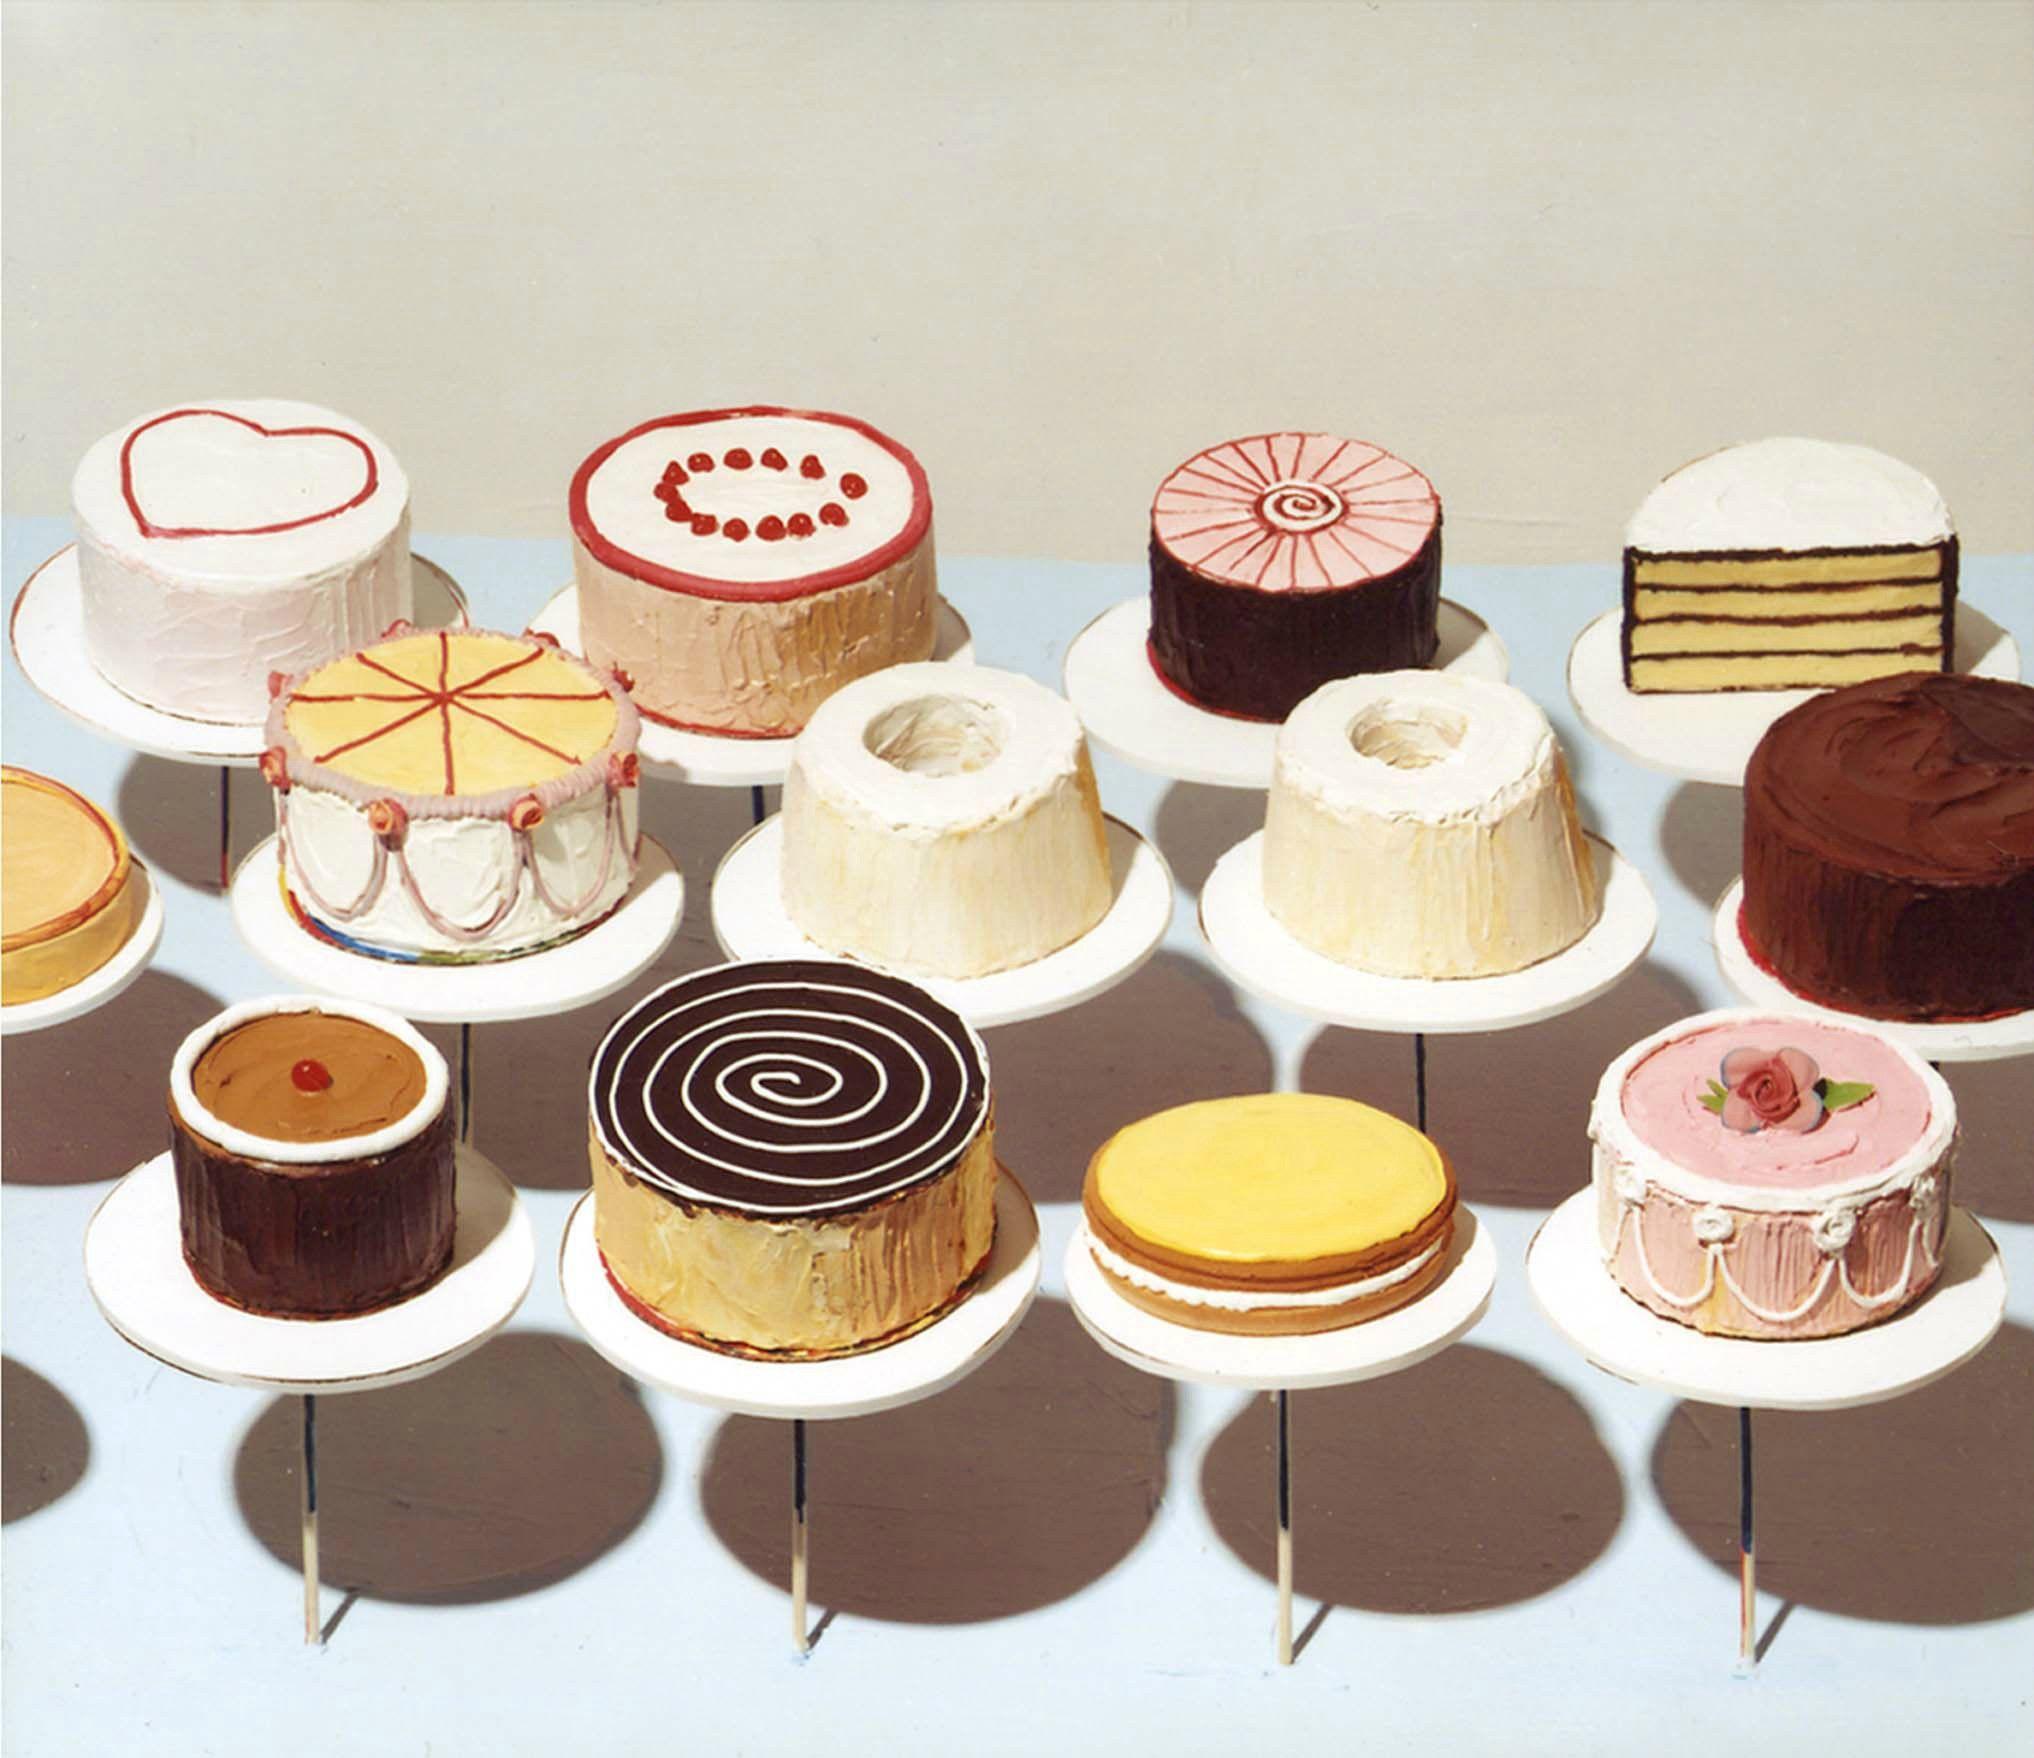 Wayne Thiebaud - Cakes (1963)